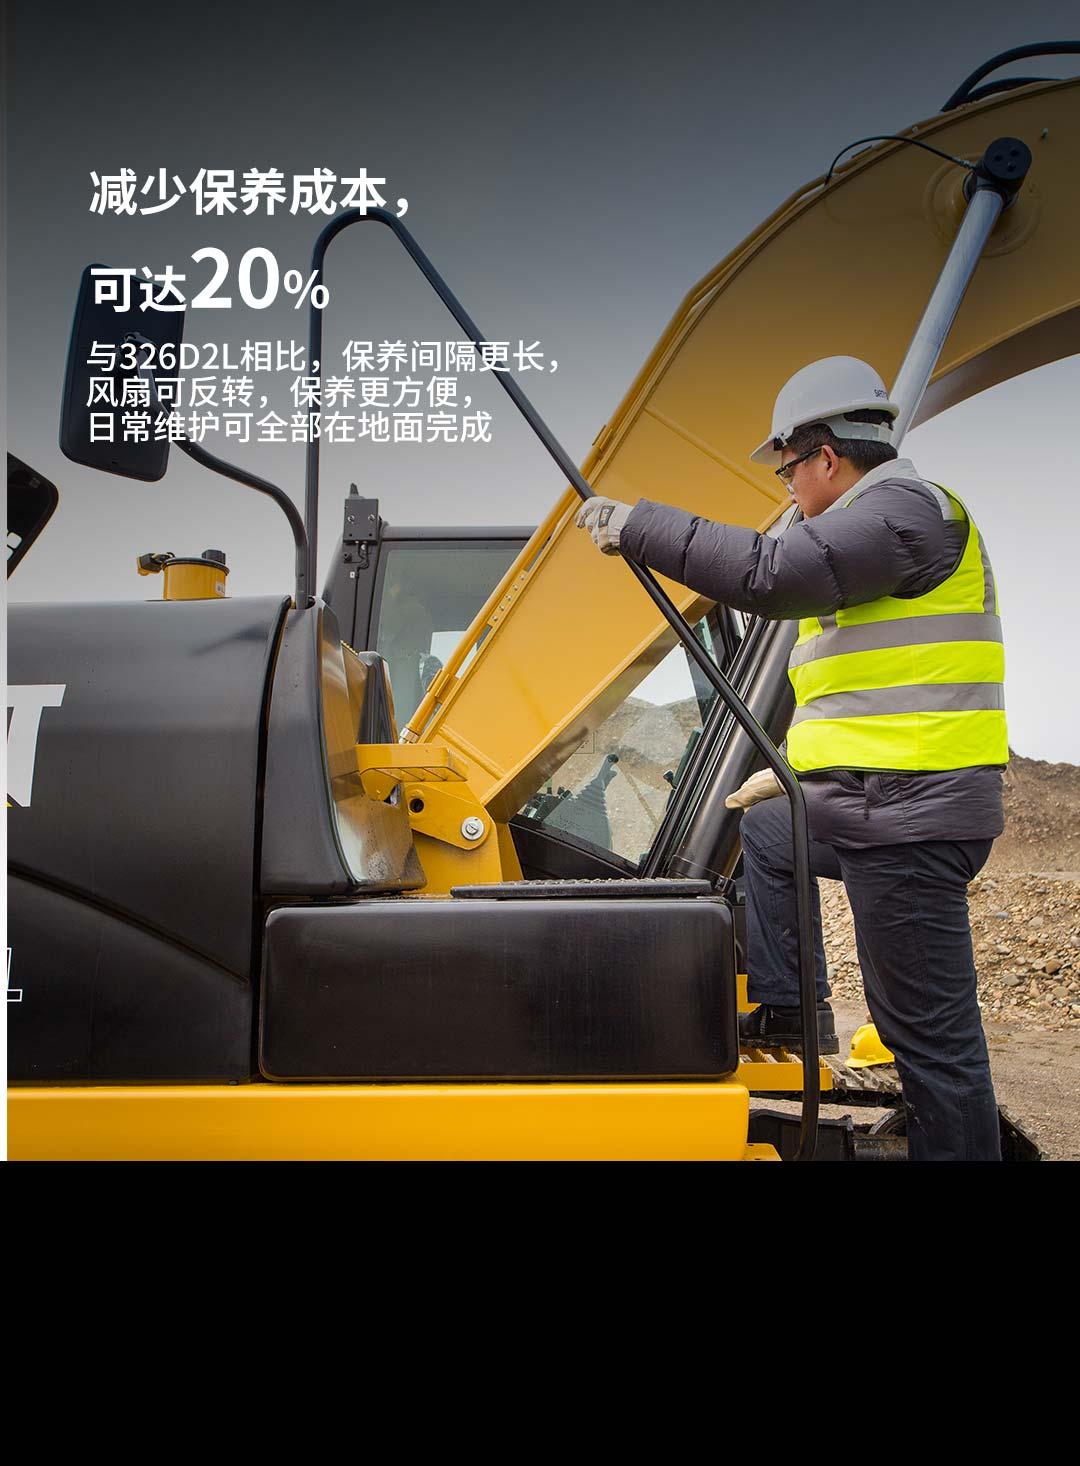 新一代CAT®326 液压挖掘机